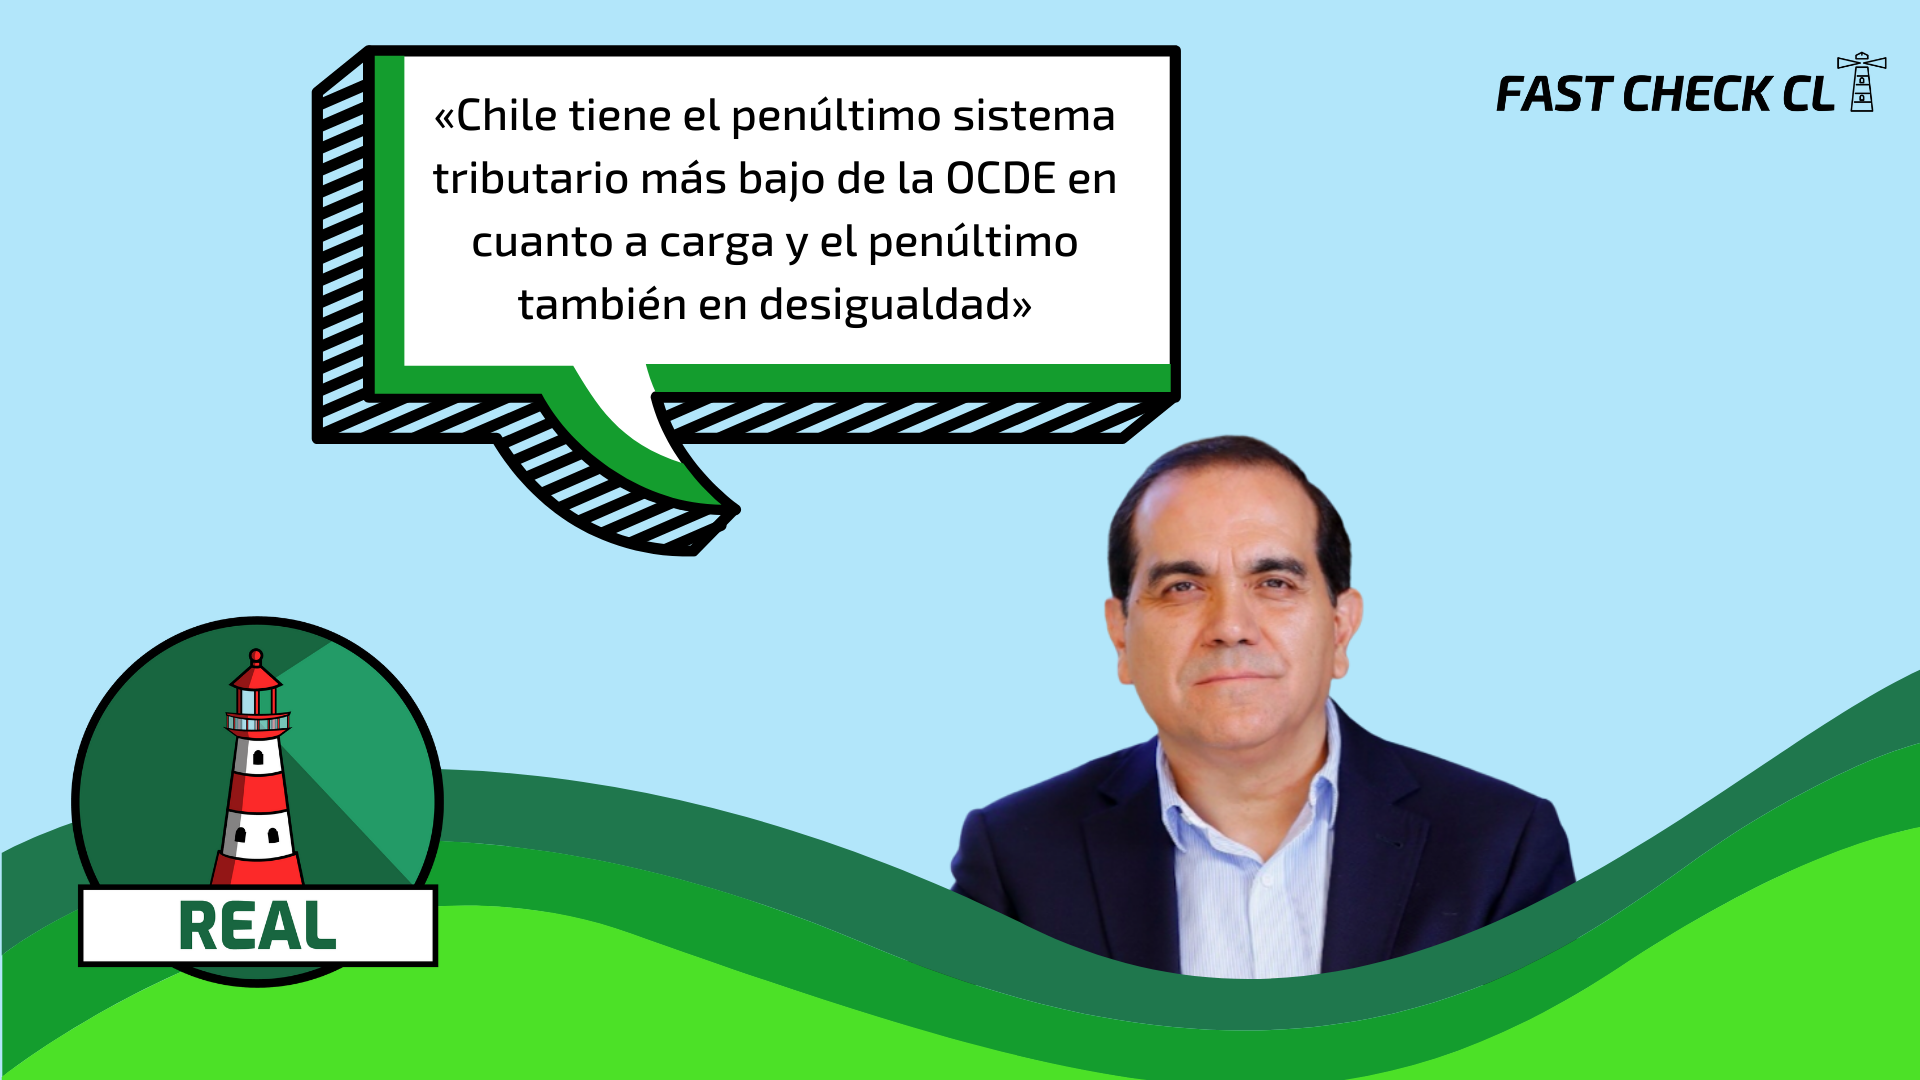 Read more about the article «Chile tiene el penúltimo sistema tributario más bajo de la OCDE en cuanto a carga y el penúltimo también en desigualdad»: #Real